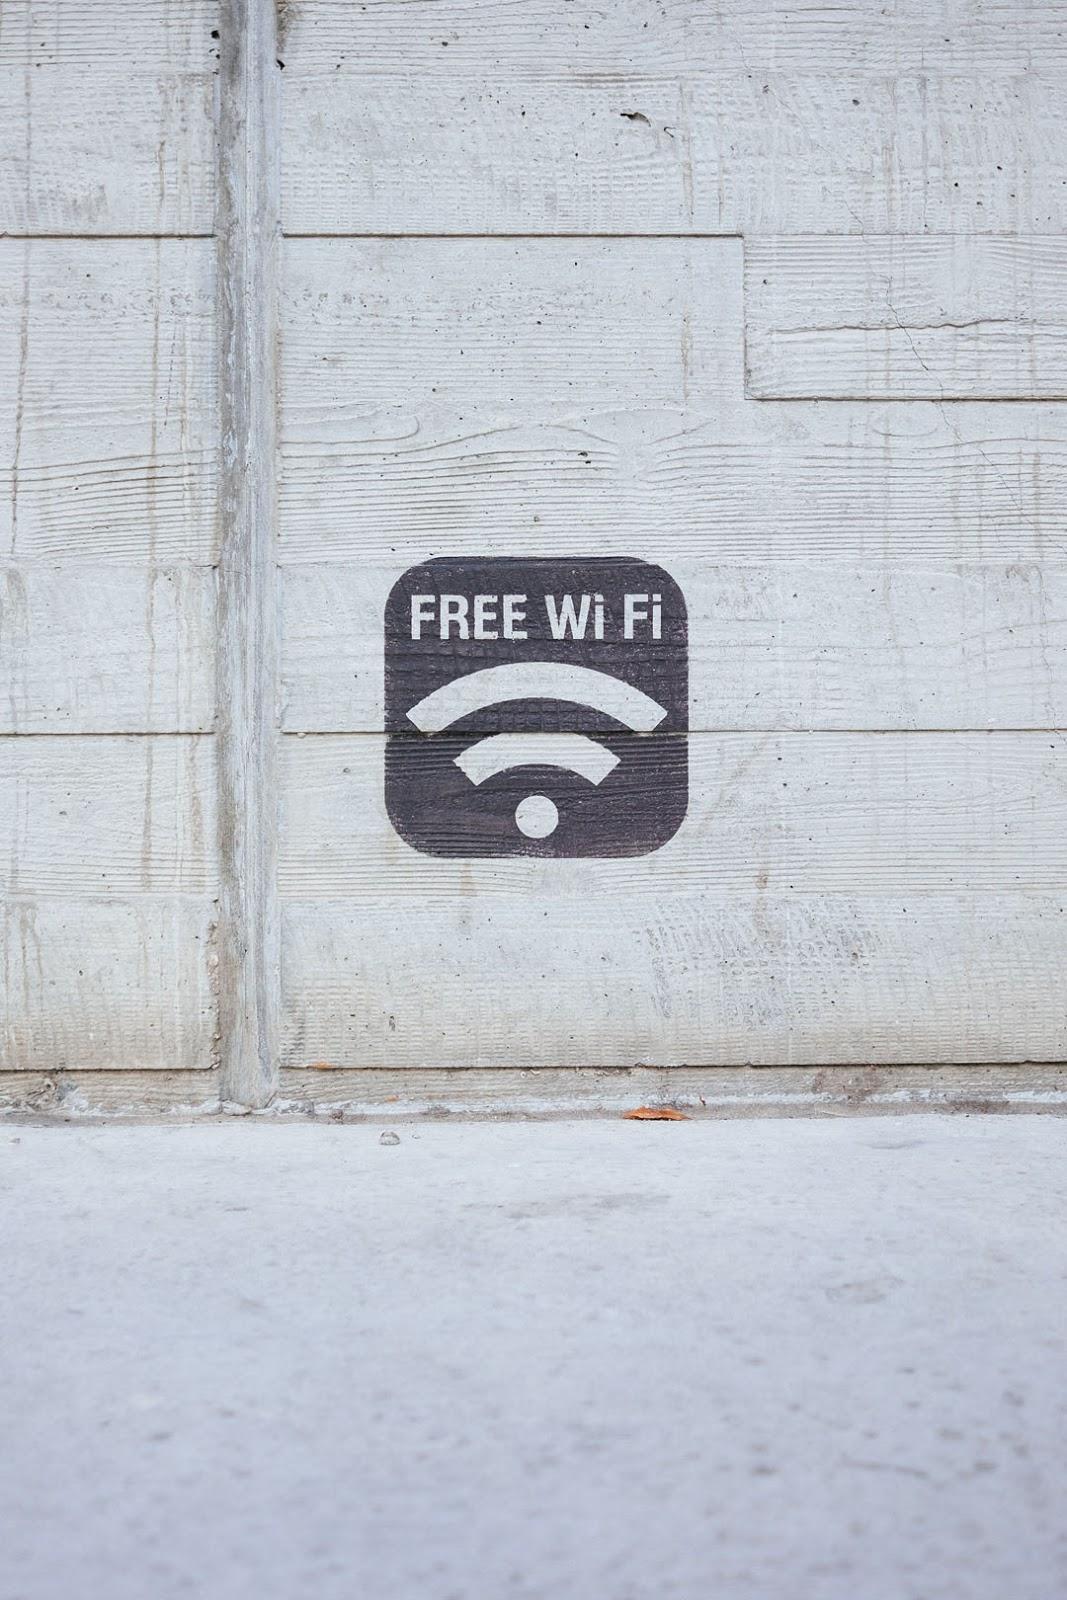 Guna servis Wifi internet percuma semasa percutian